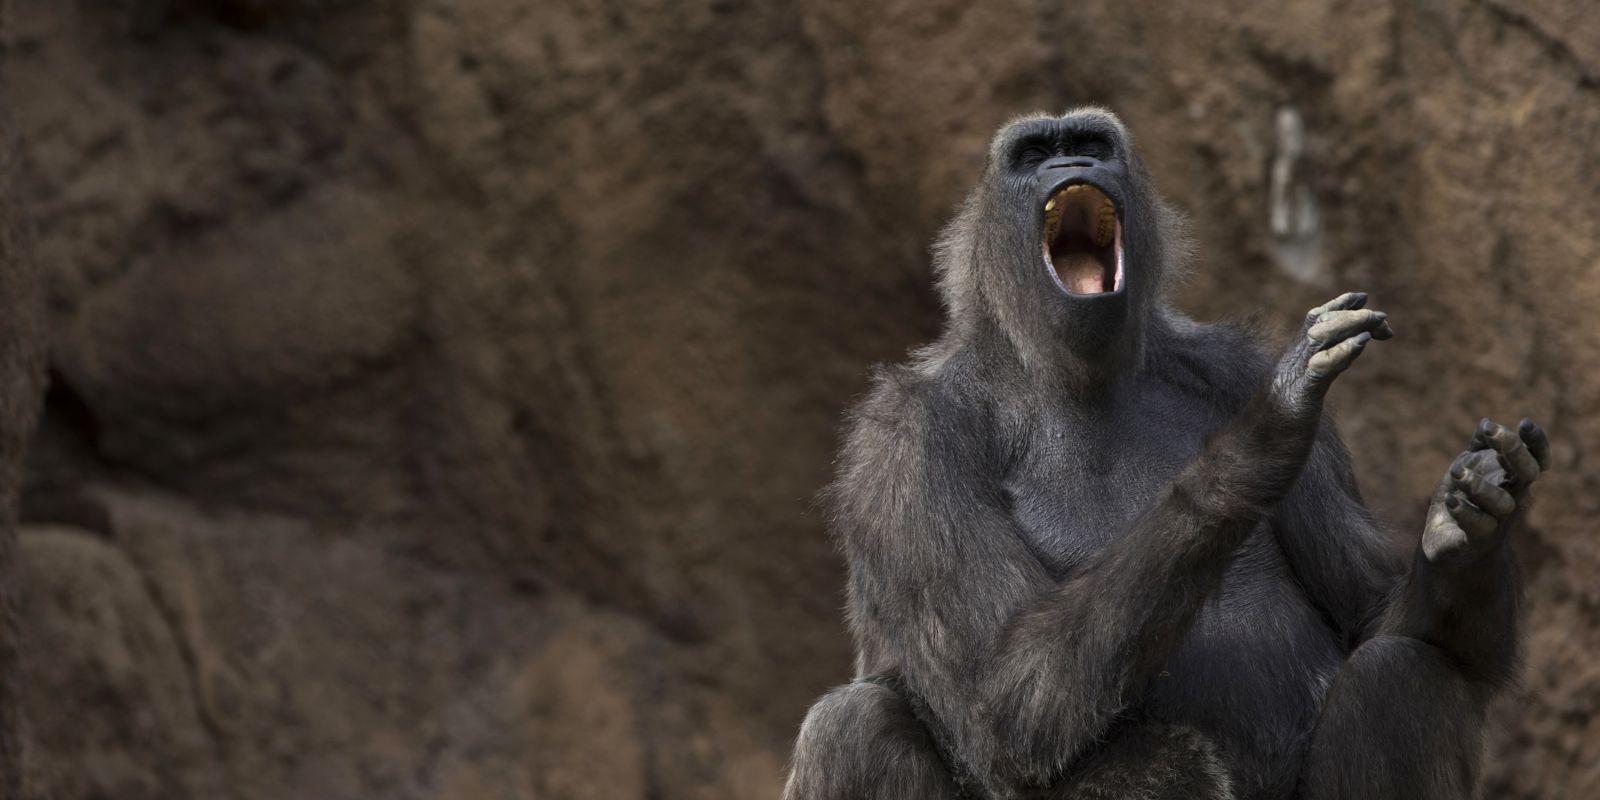 ¿Podrían los primates aprender a hablar?